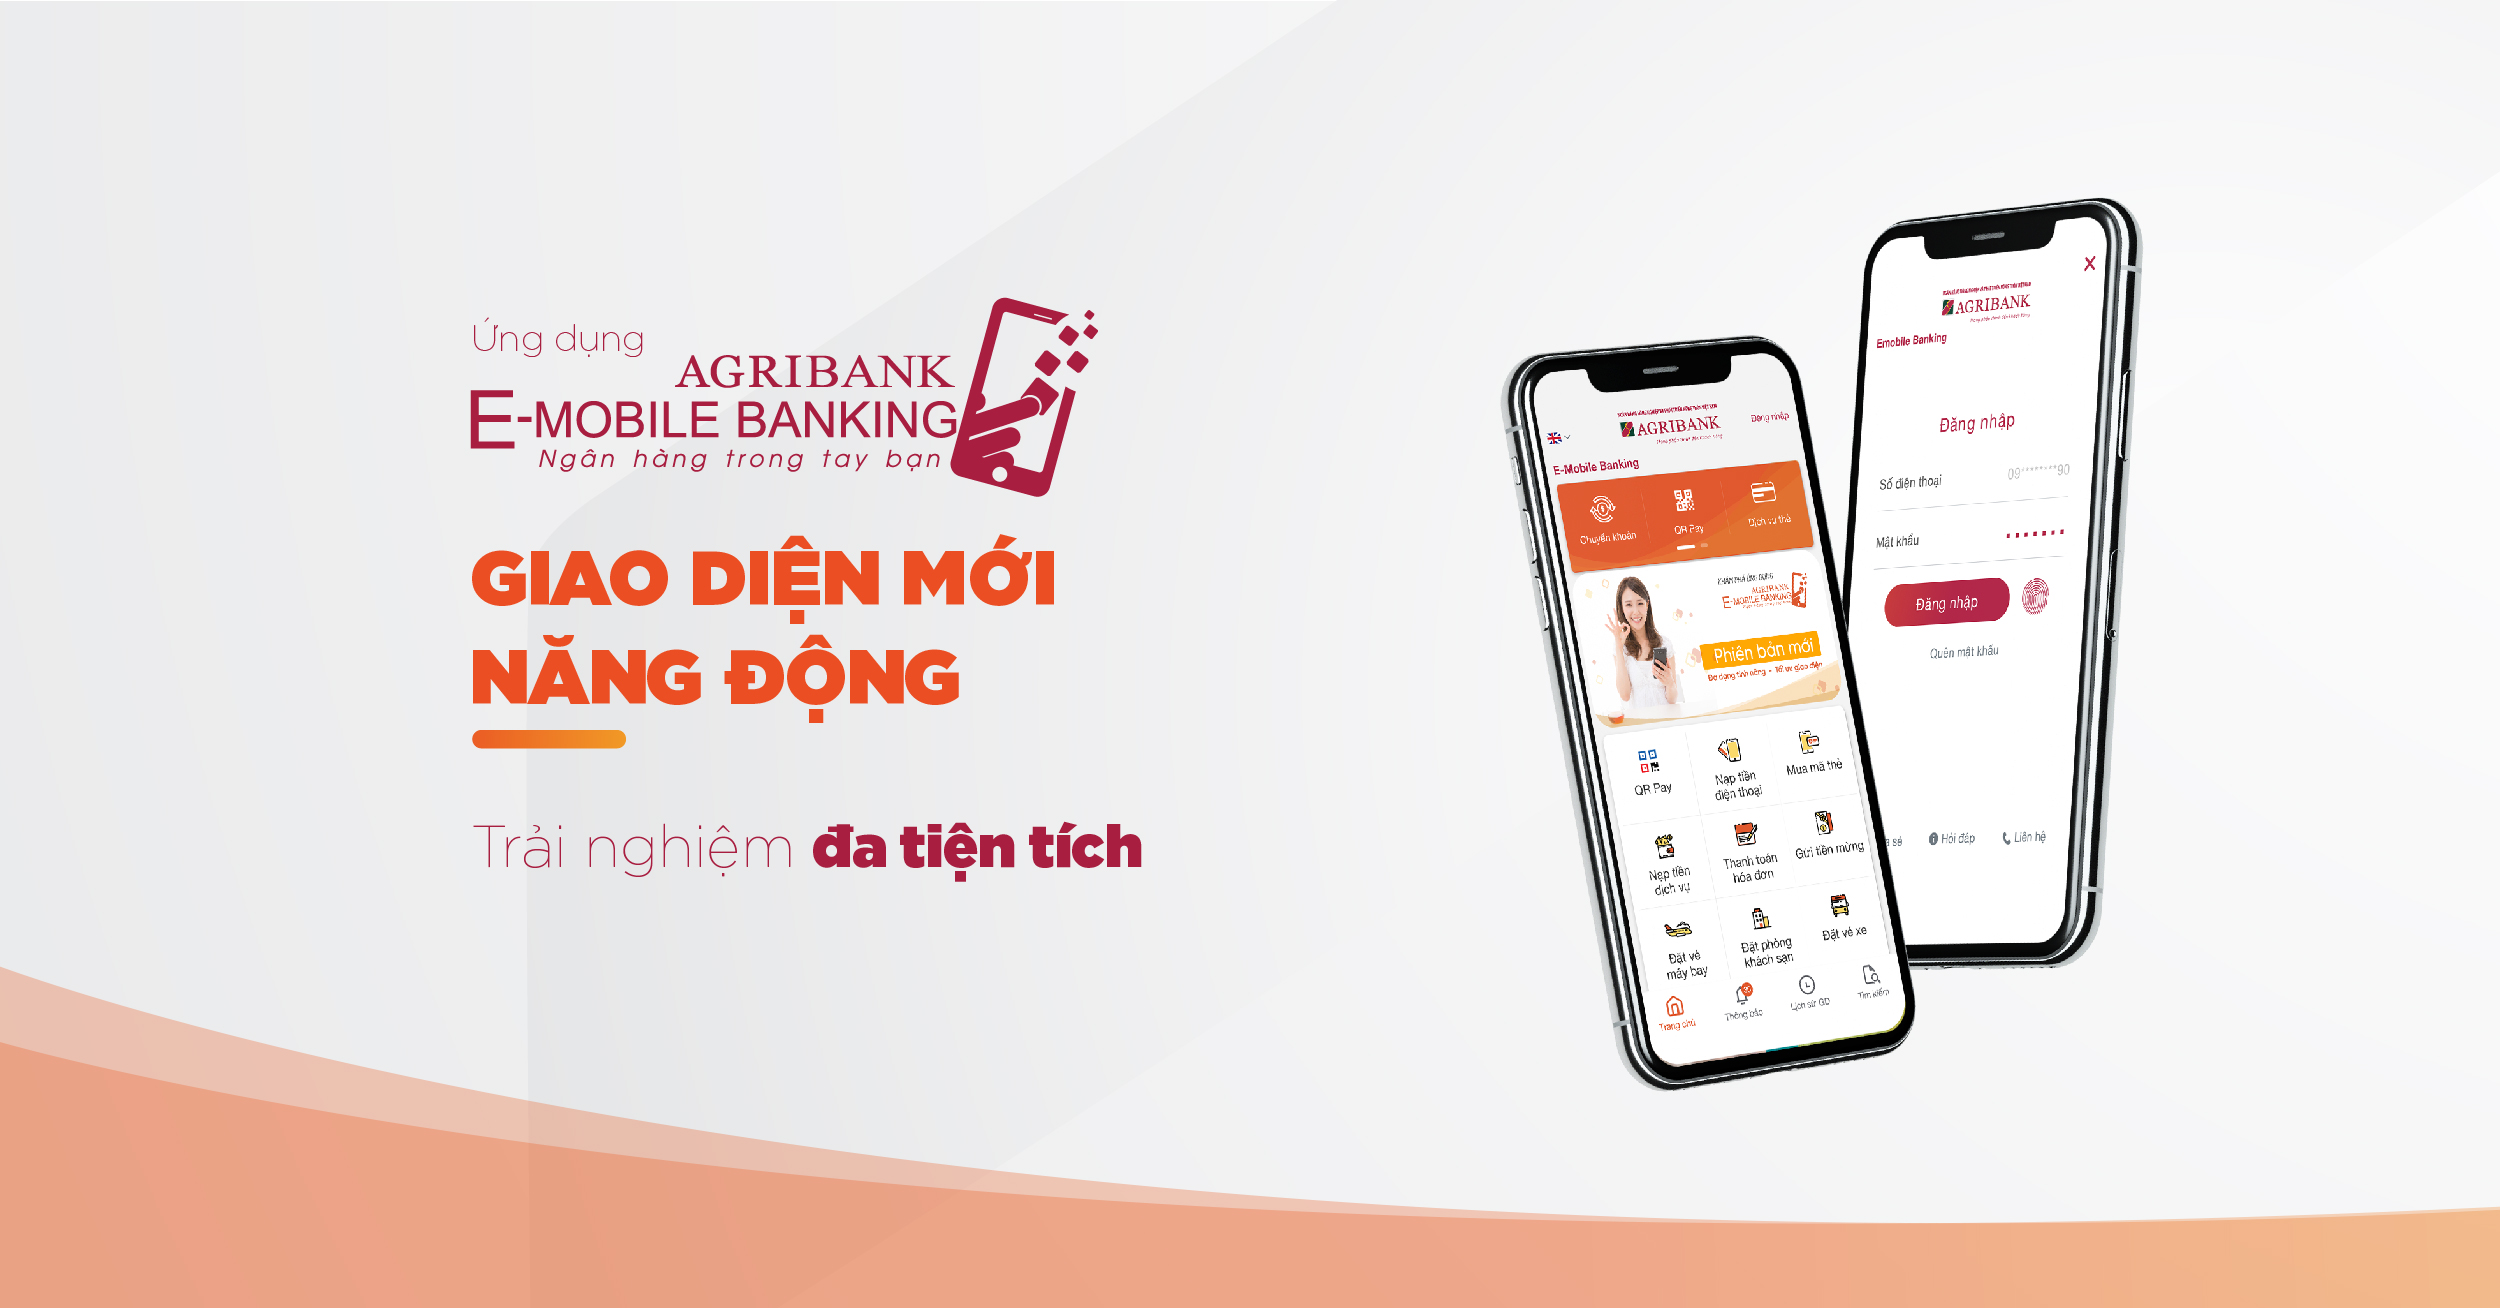 Đã có thể đặt vé máy bay với ứng dụng MB Bank